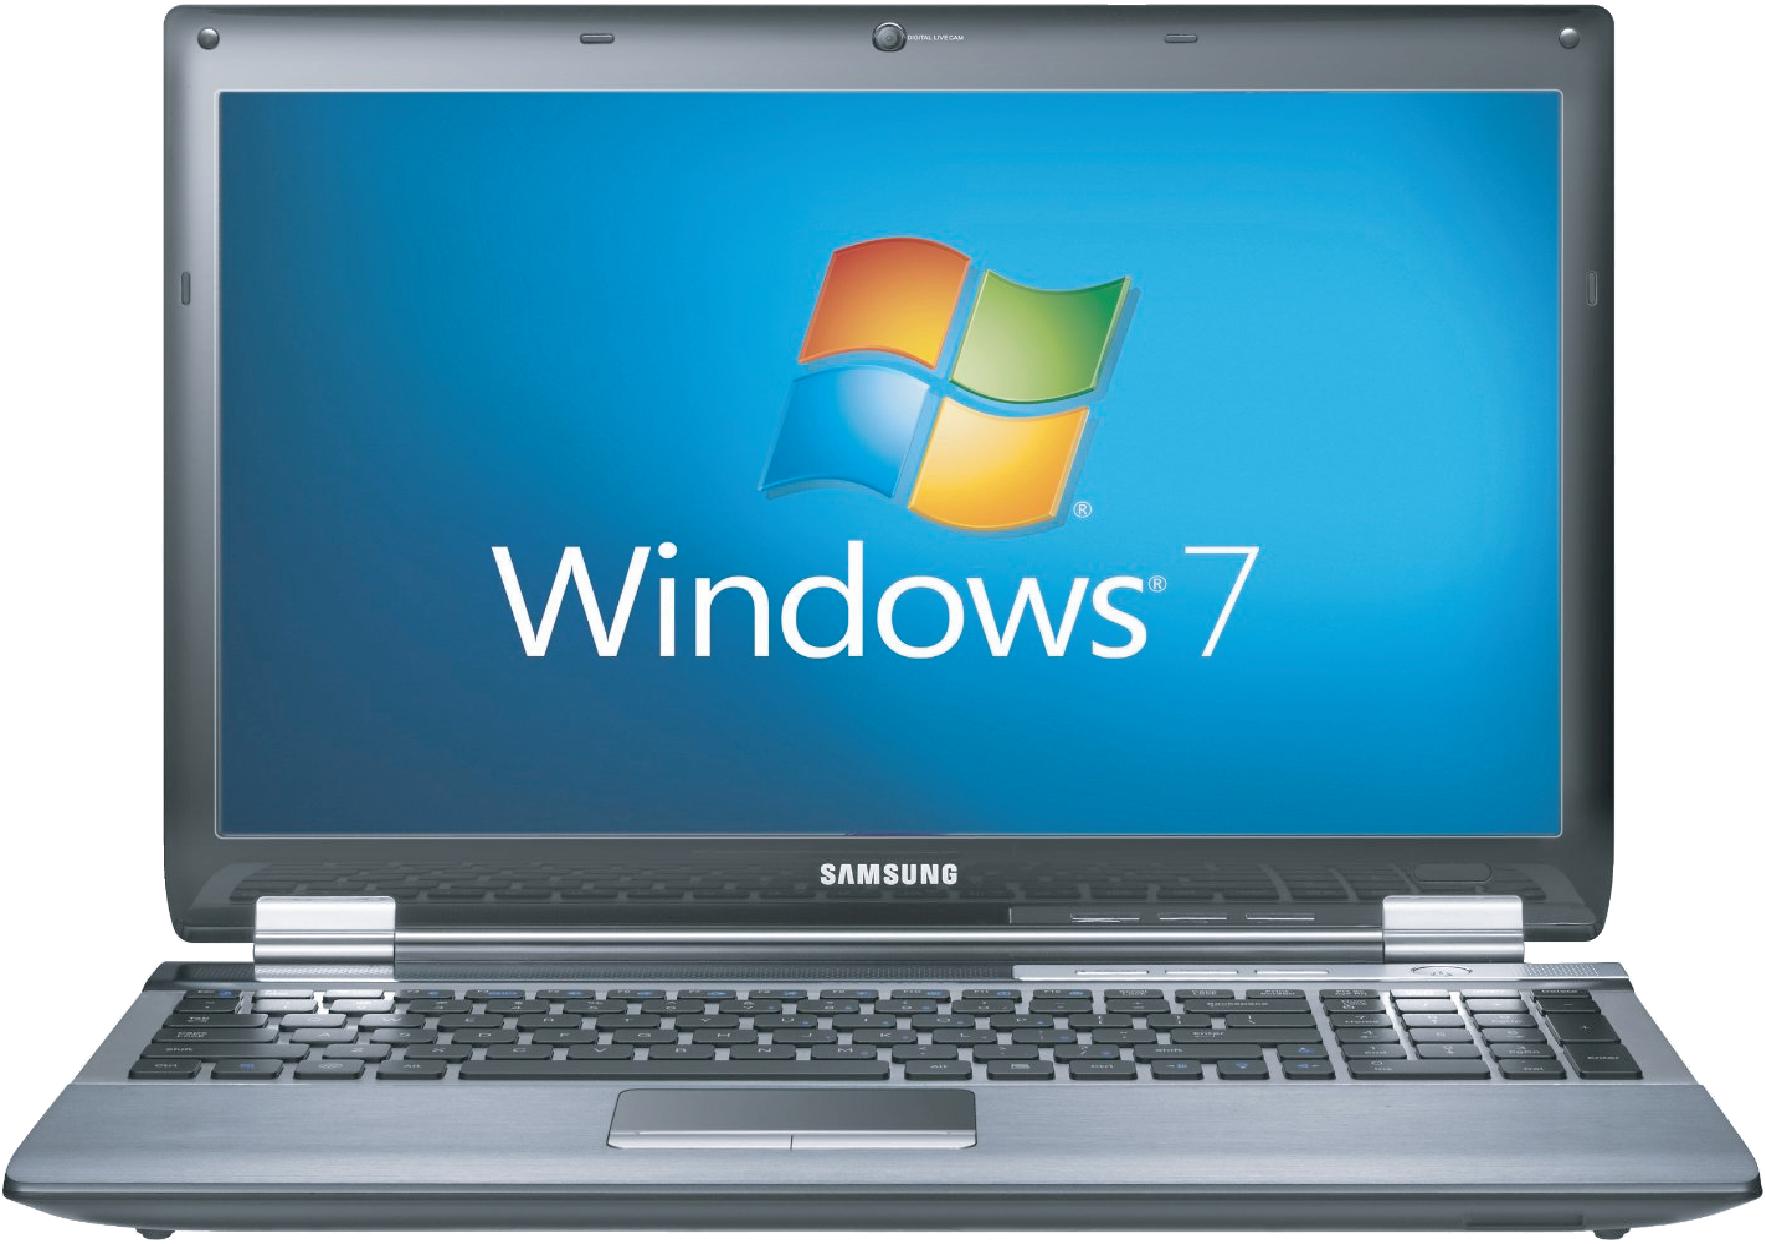 Laptop PNG - 8362